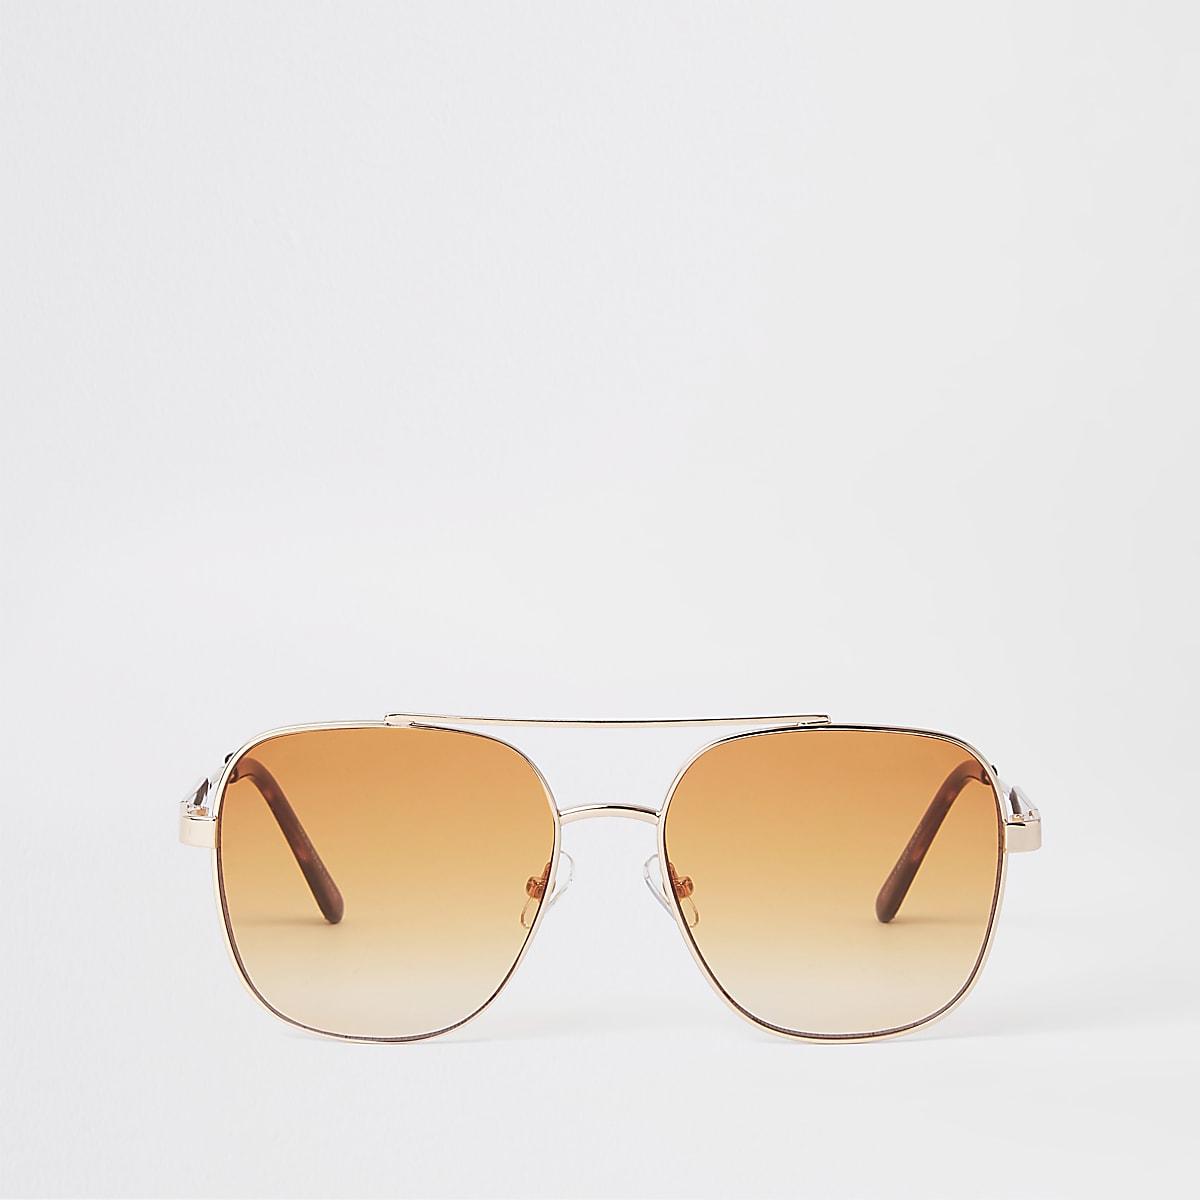 Lunettes de soleil aviateur dorées à verres orange